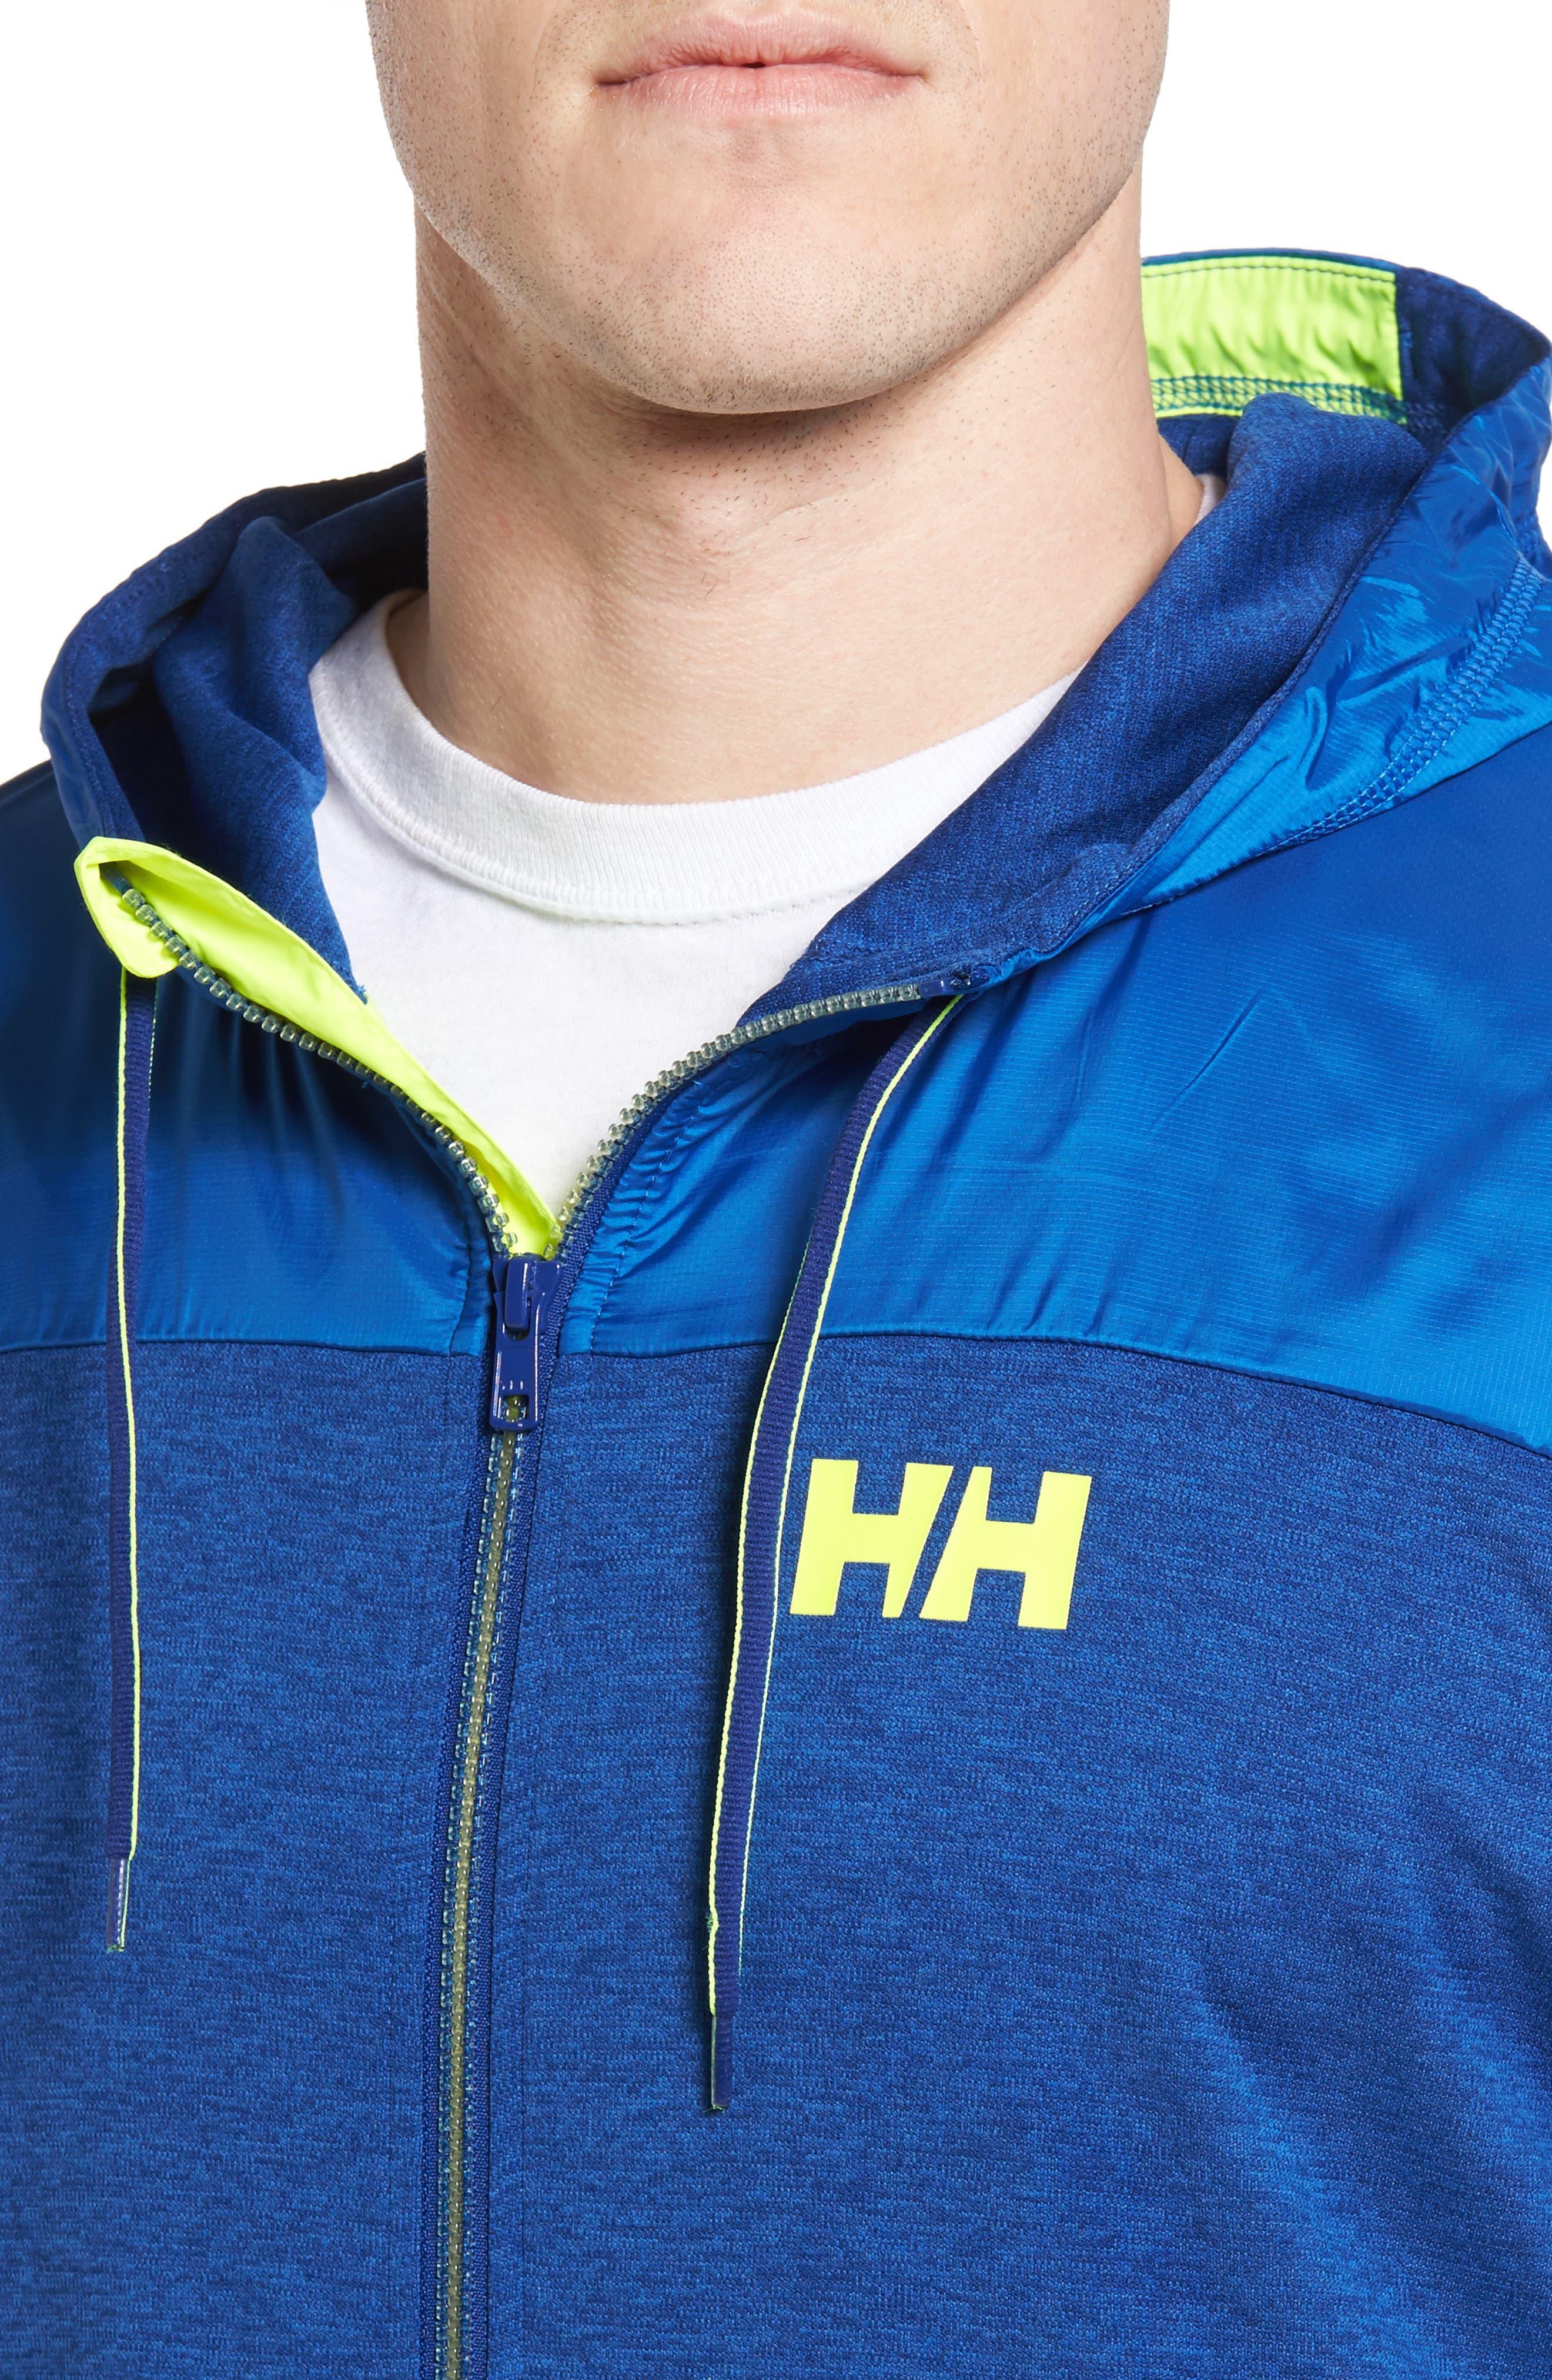 Raido Hooded Jacket,                             Alternate thumbnail 4, color,                             Sodalite Blue